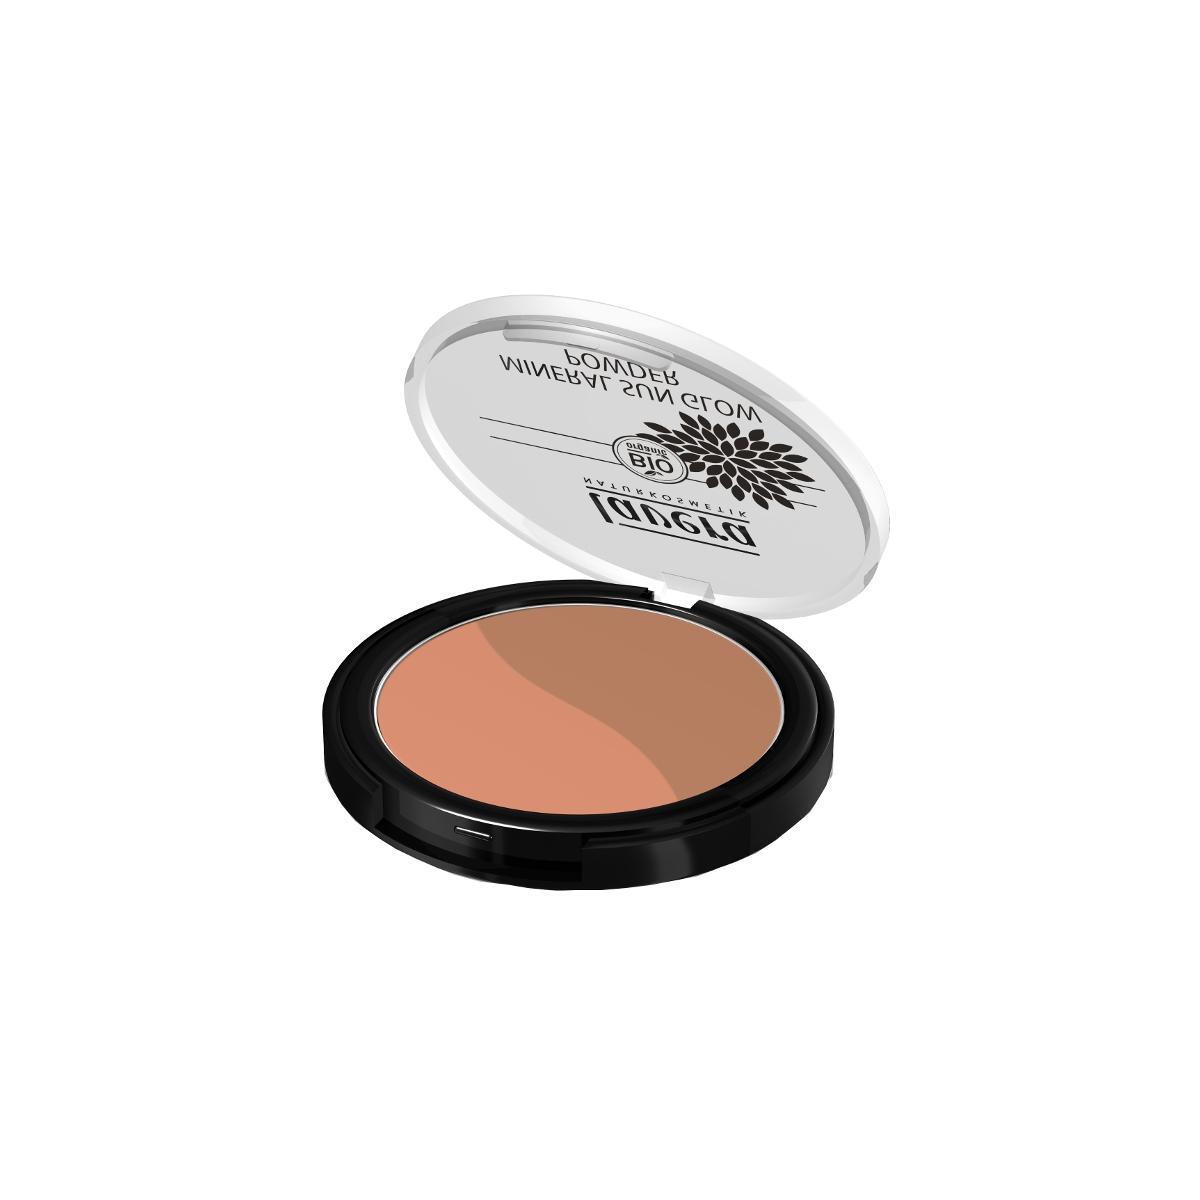 Lavera Pudr třpytivý bronzující DUO 02 sluneční polibek, Trend Sensitive 2014 9 g